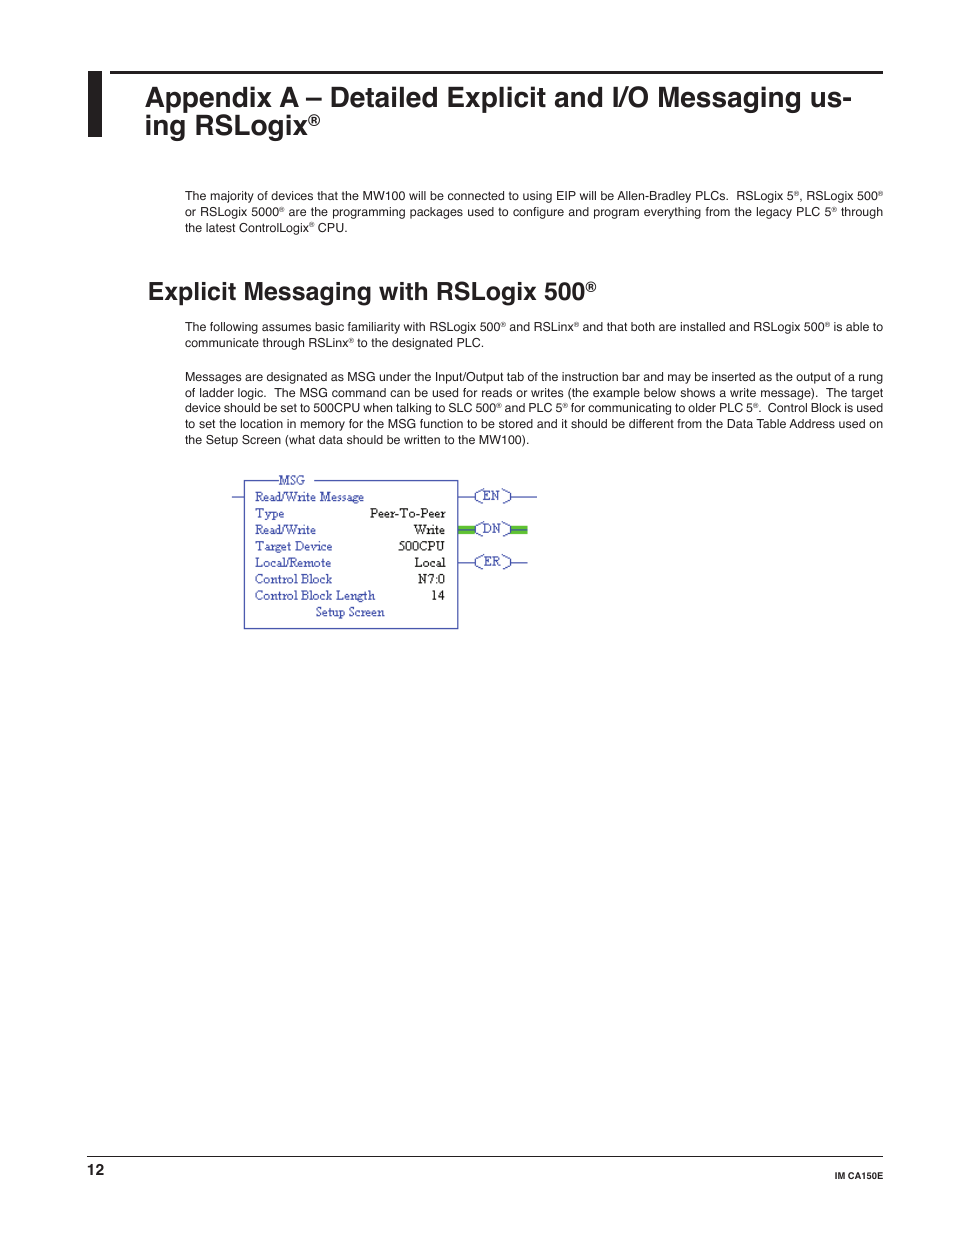 Explicit messaging with rslogix 500   Yokogawa Standalone